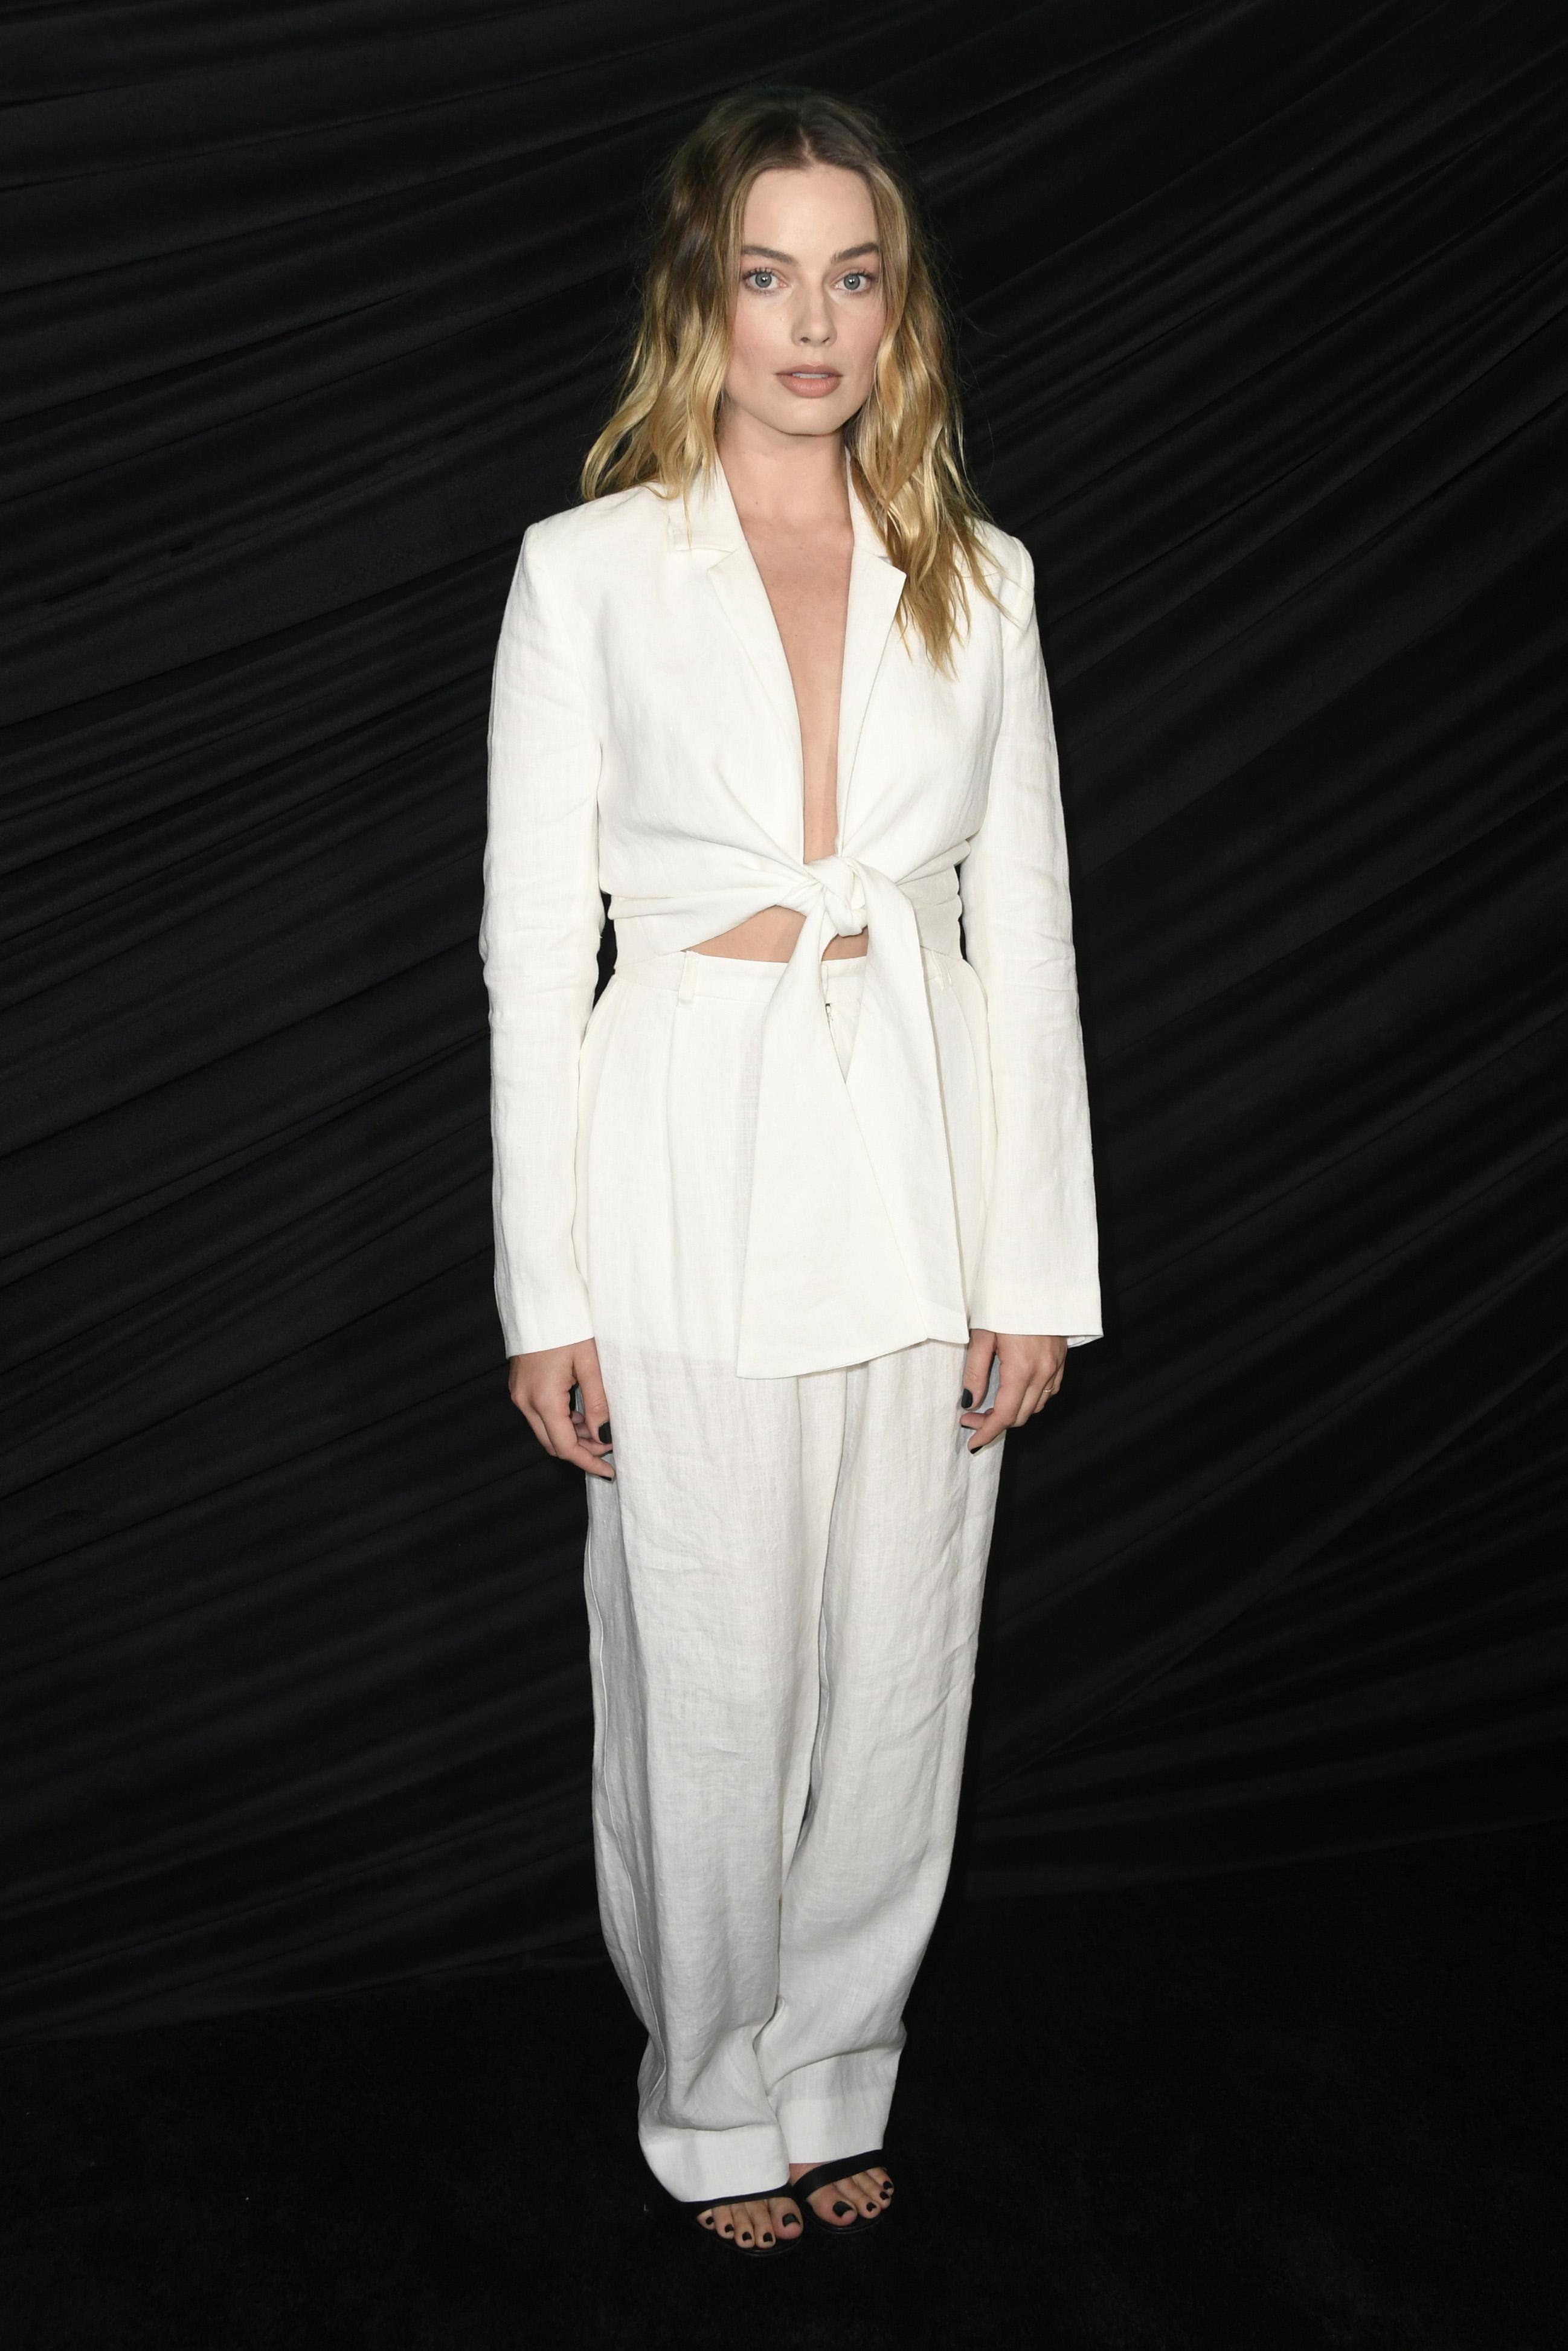 Какво: Сзключително шик бял костюм, комбиниран с черни сандали, чийто автор не знаем  Кога: Октомври 2019 Къде: Специална прожекция на Bombshell в Холивуд